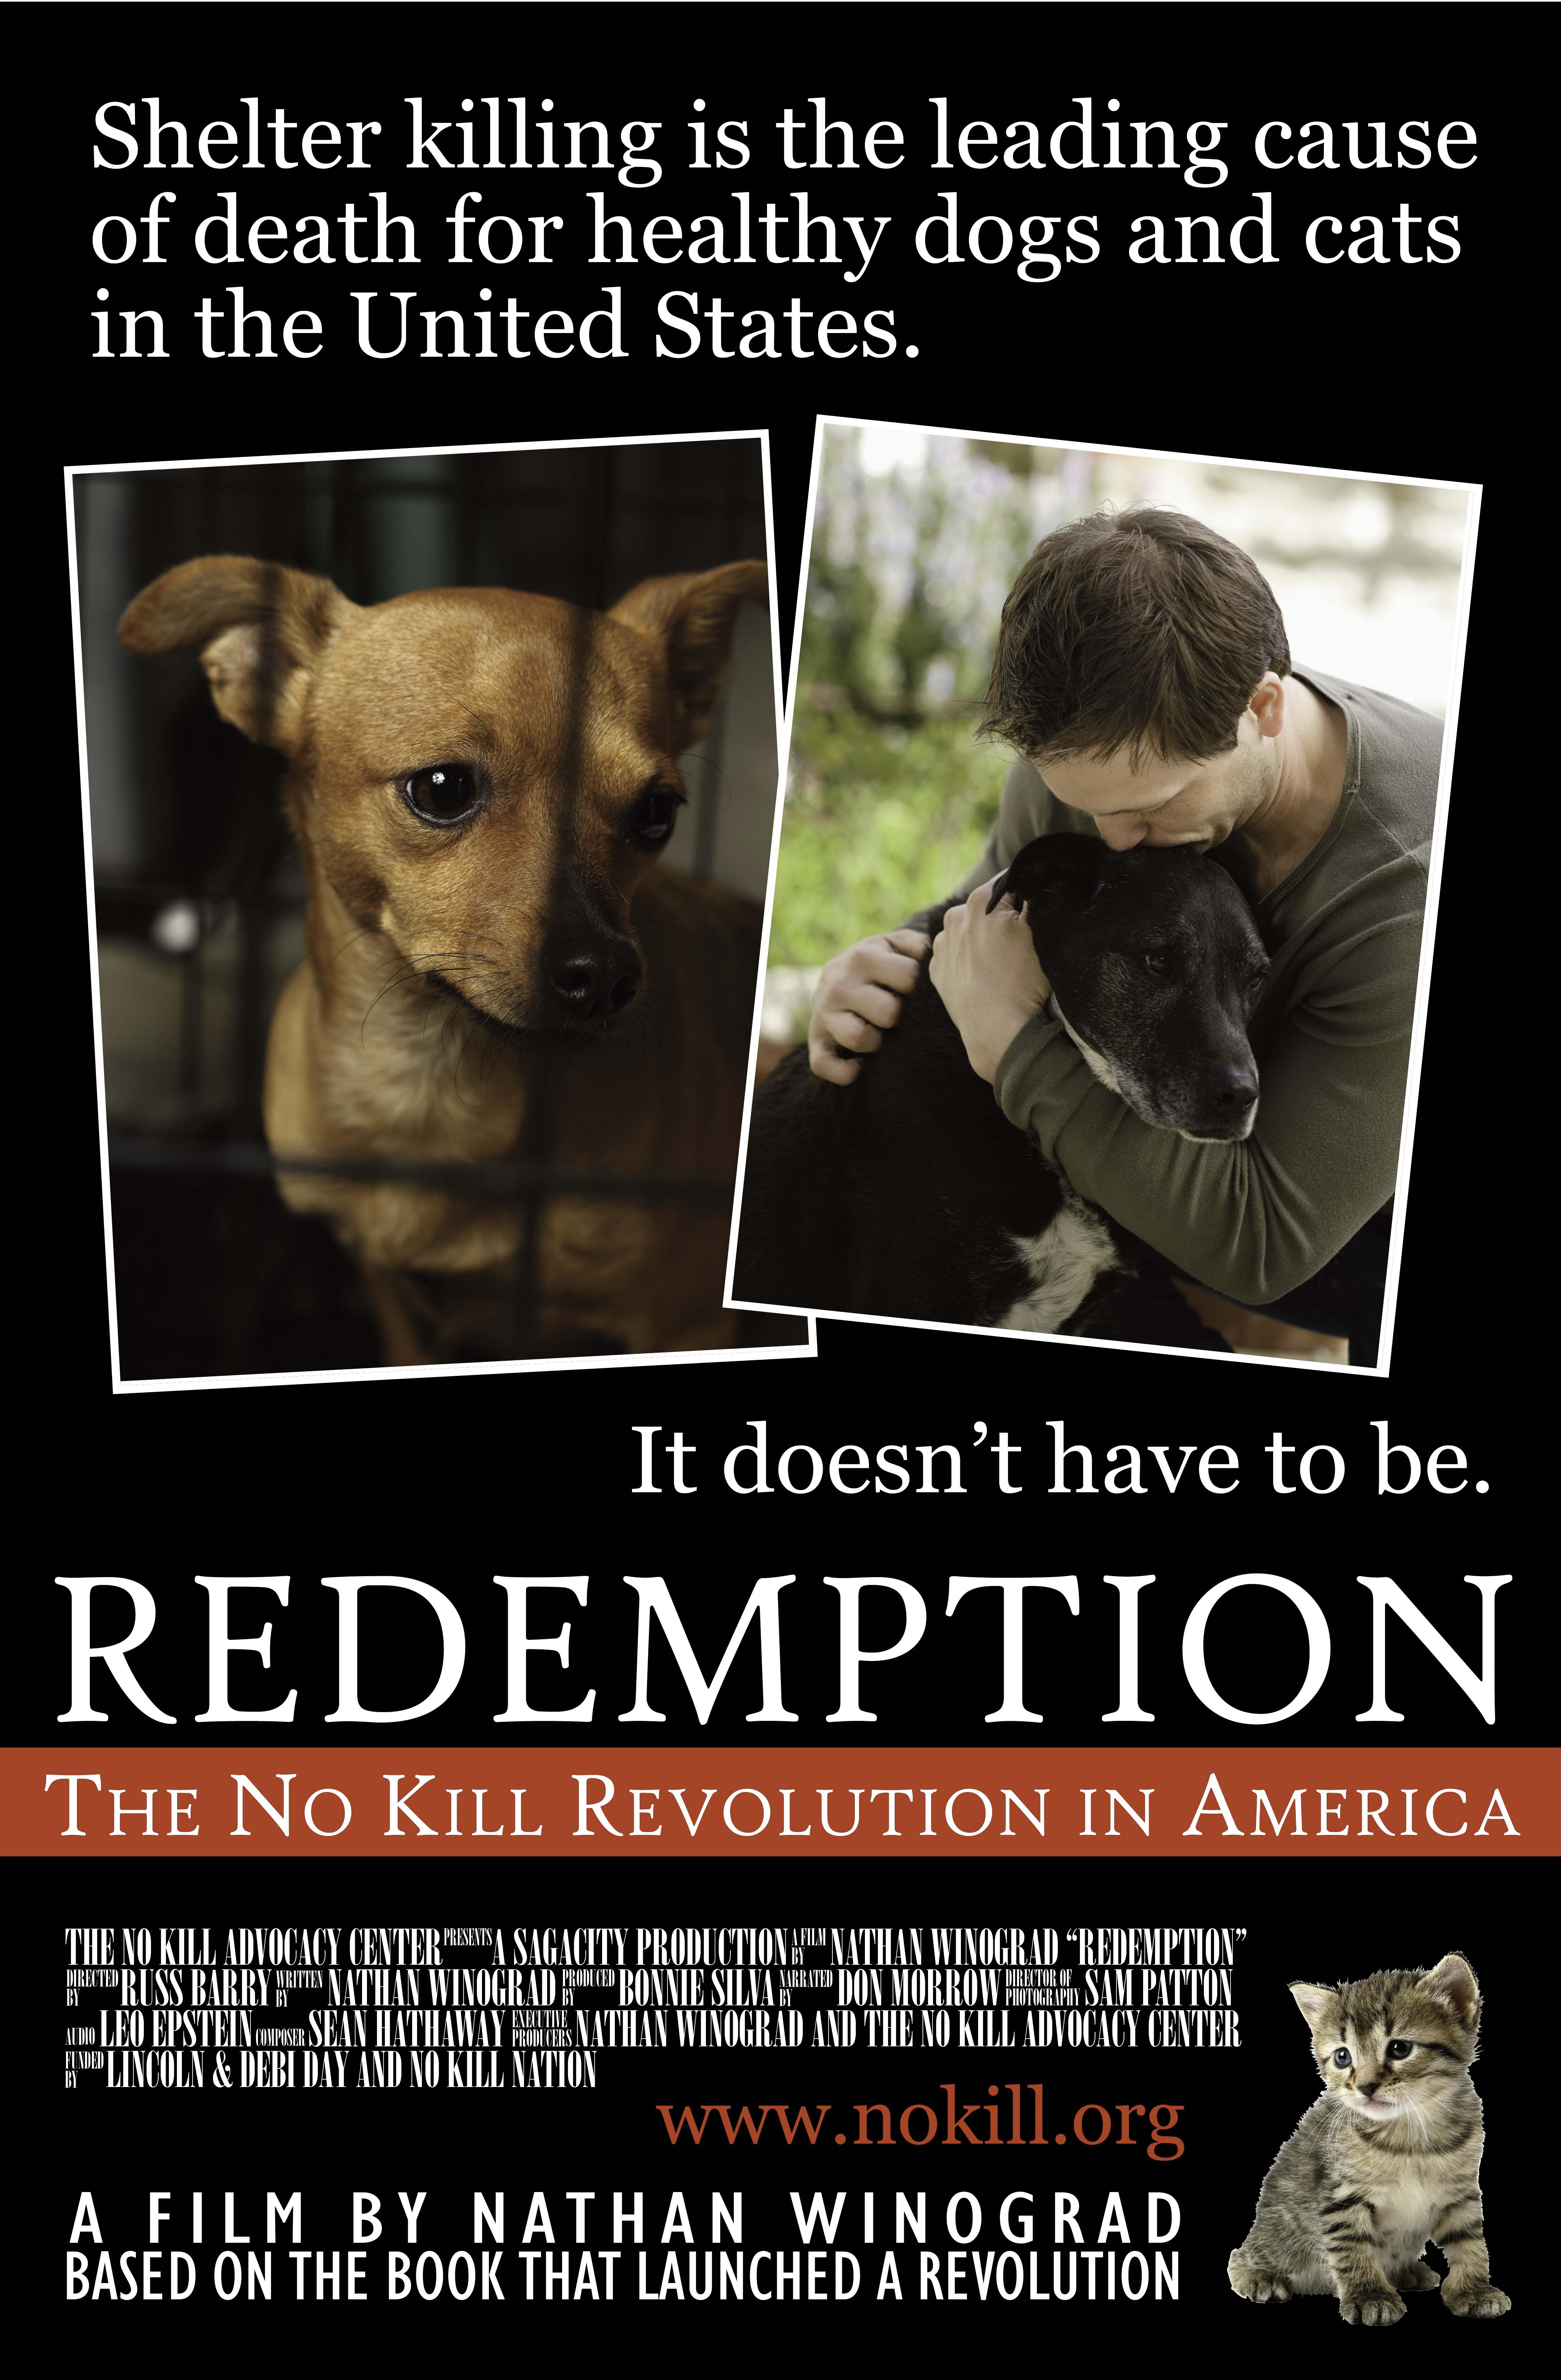 Redemption Atlanta August 21, 2014